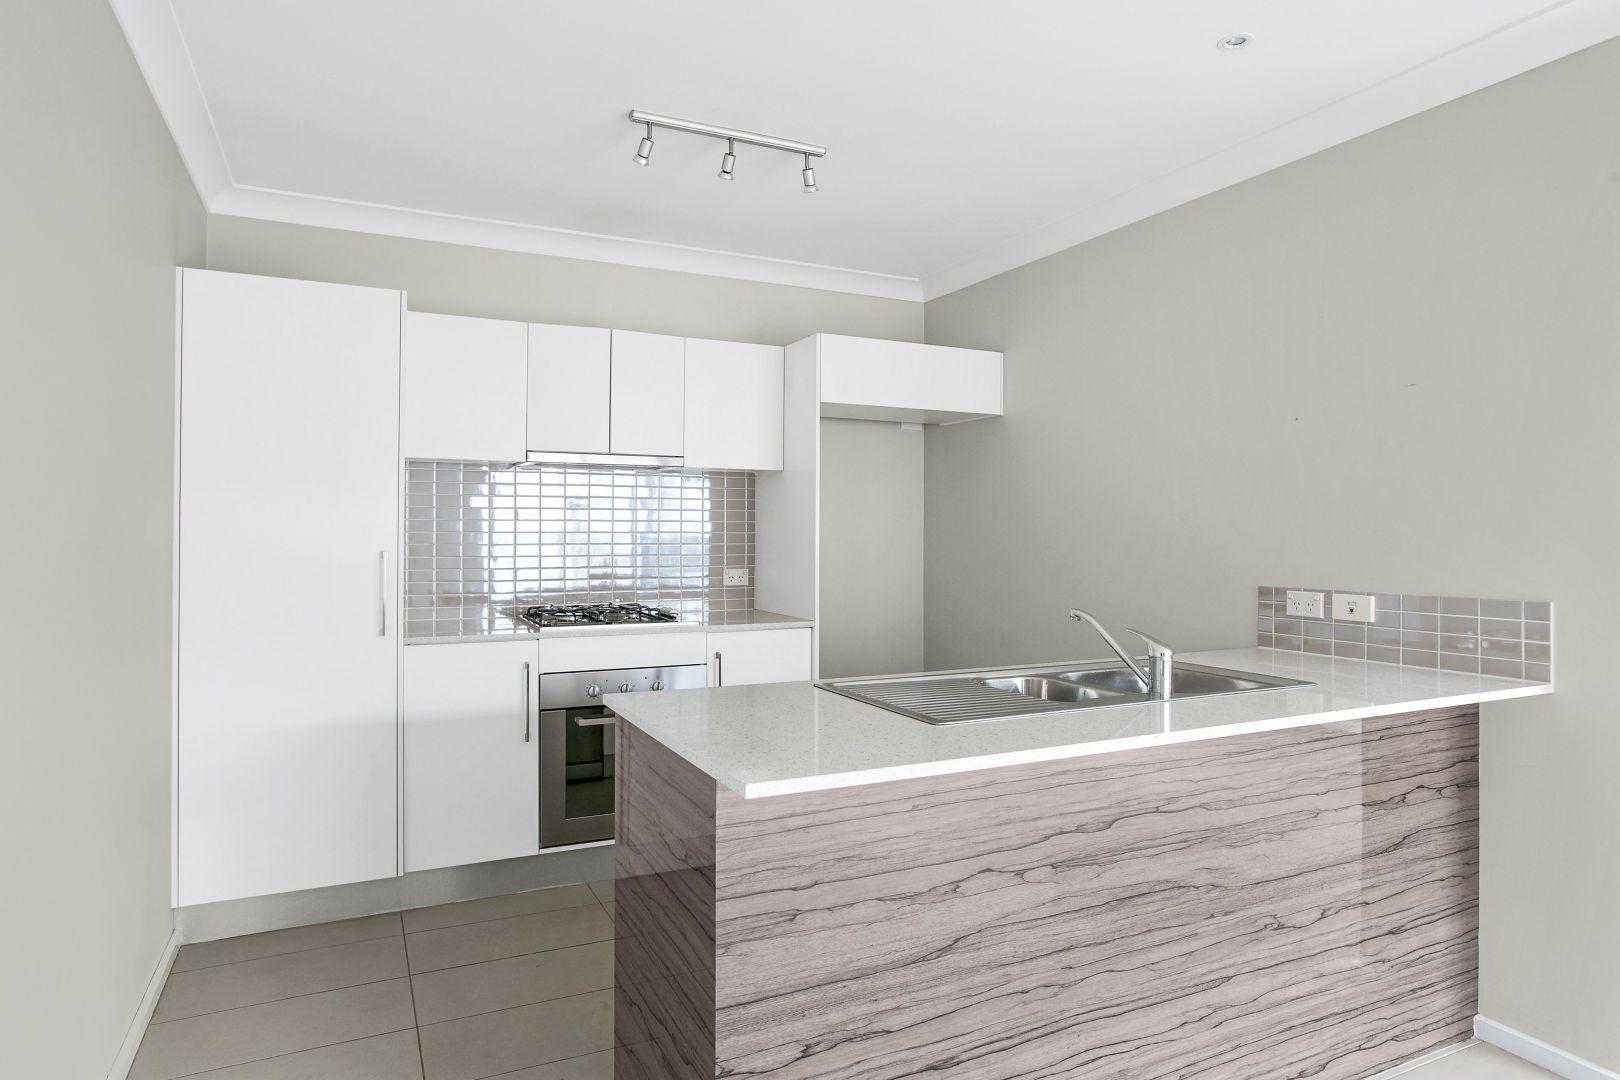 119A Whittaker Street, Flinders NSW 2529, Image 1